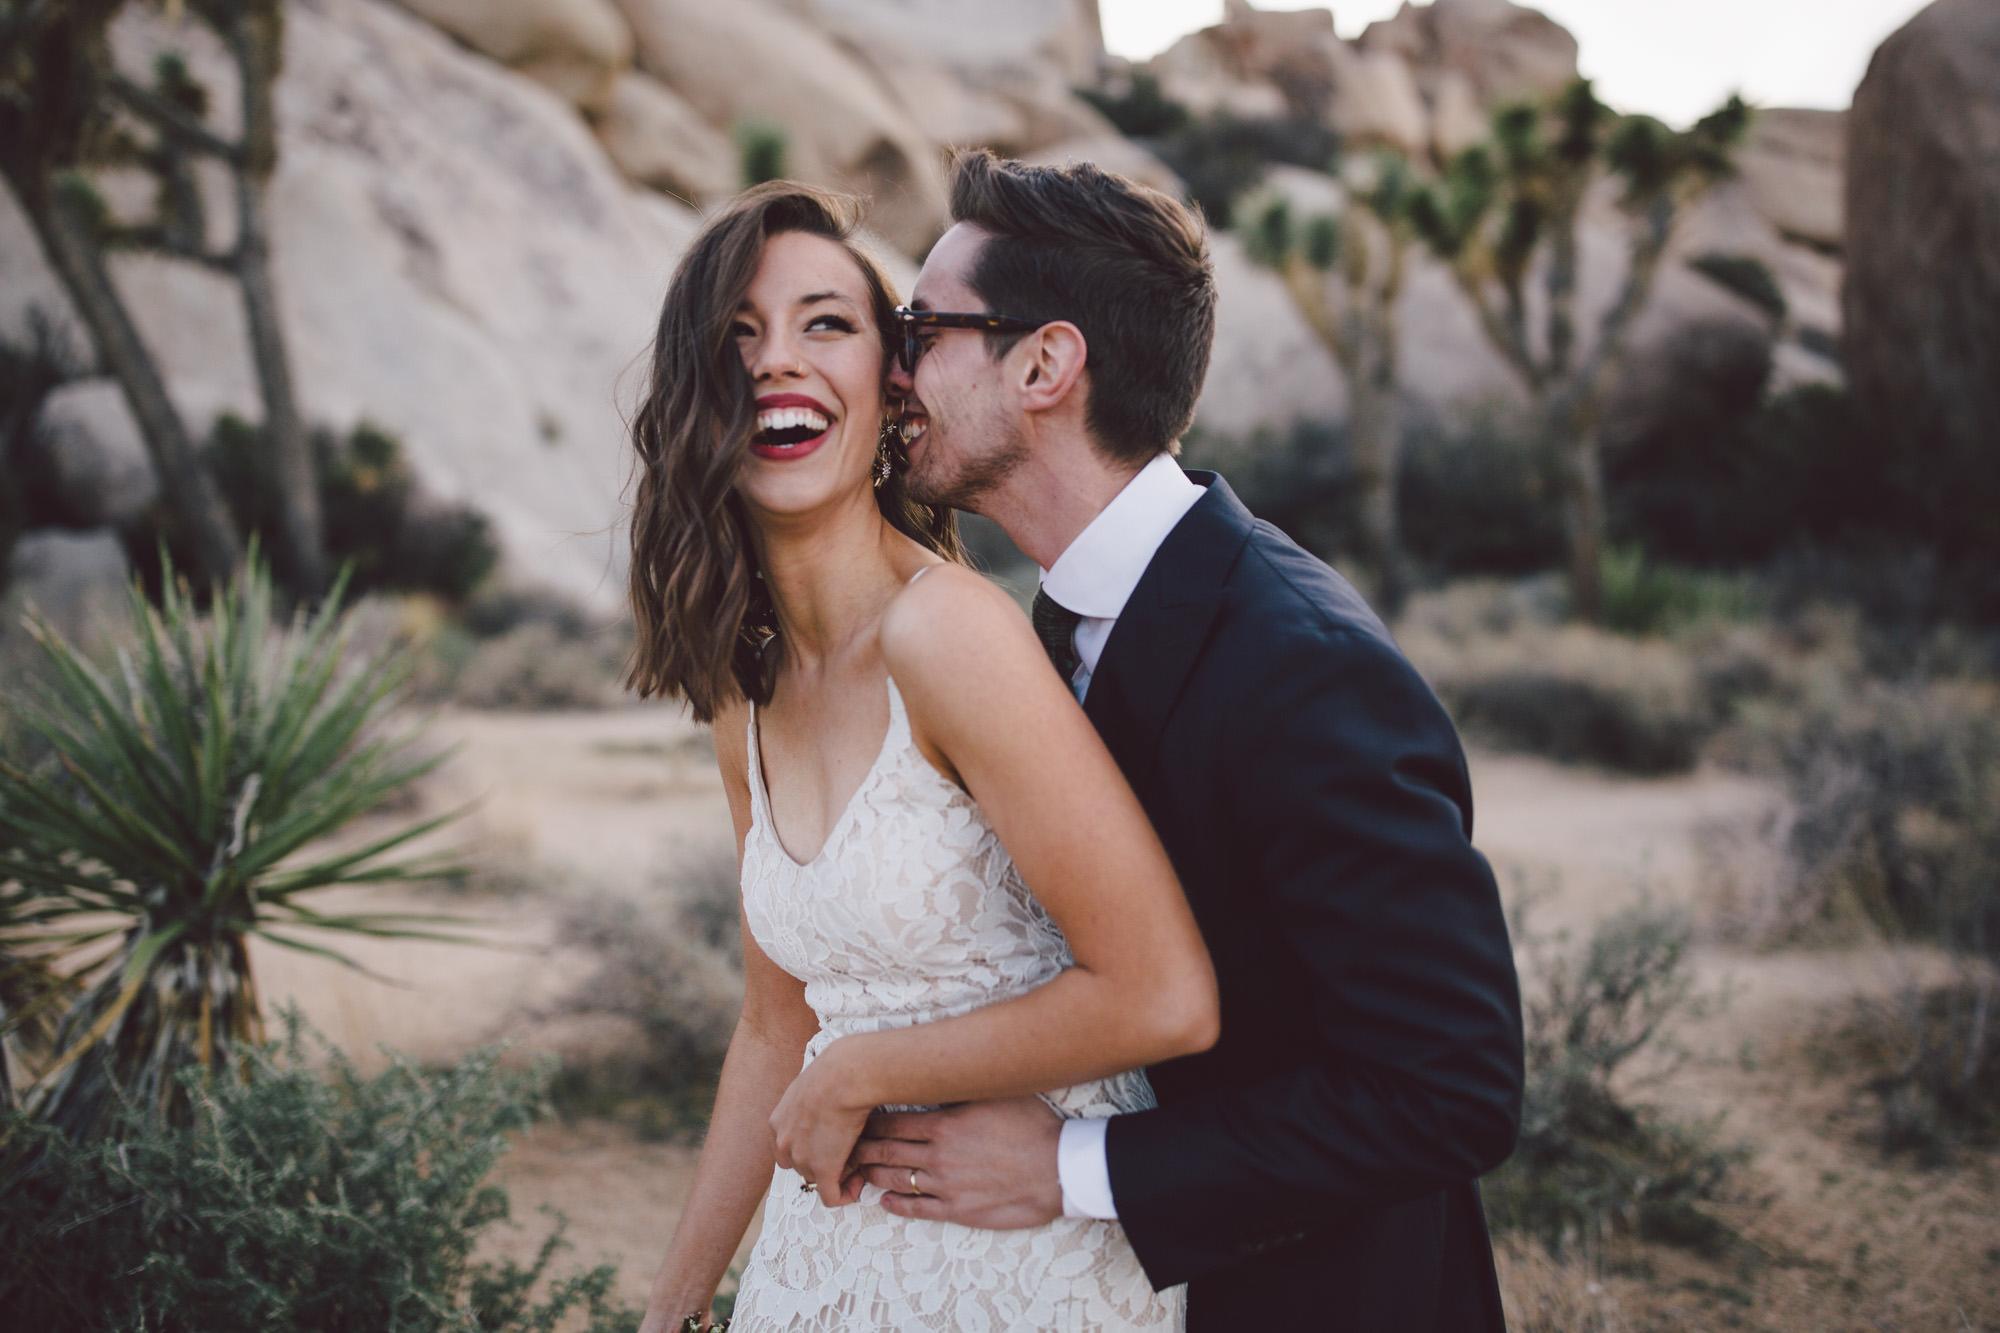 destination elopement intimate wedding evangeline lane (1 of 1)-4.jpg